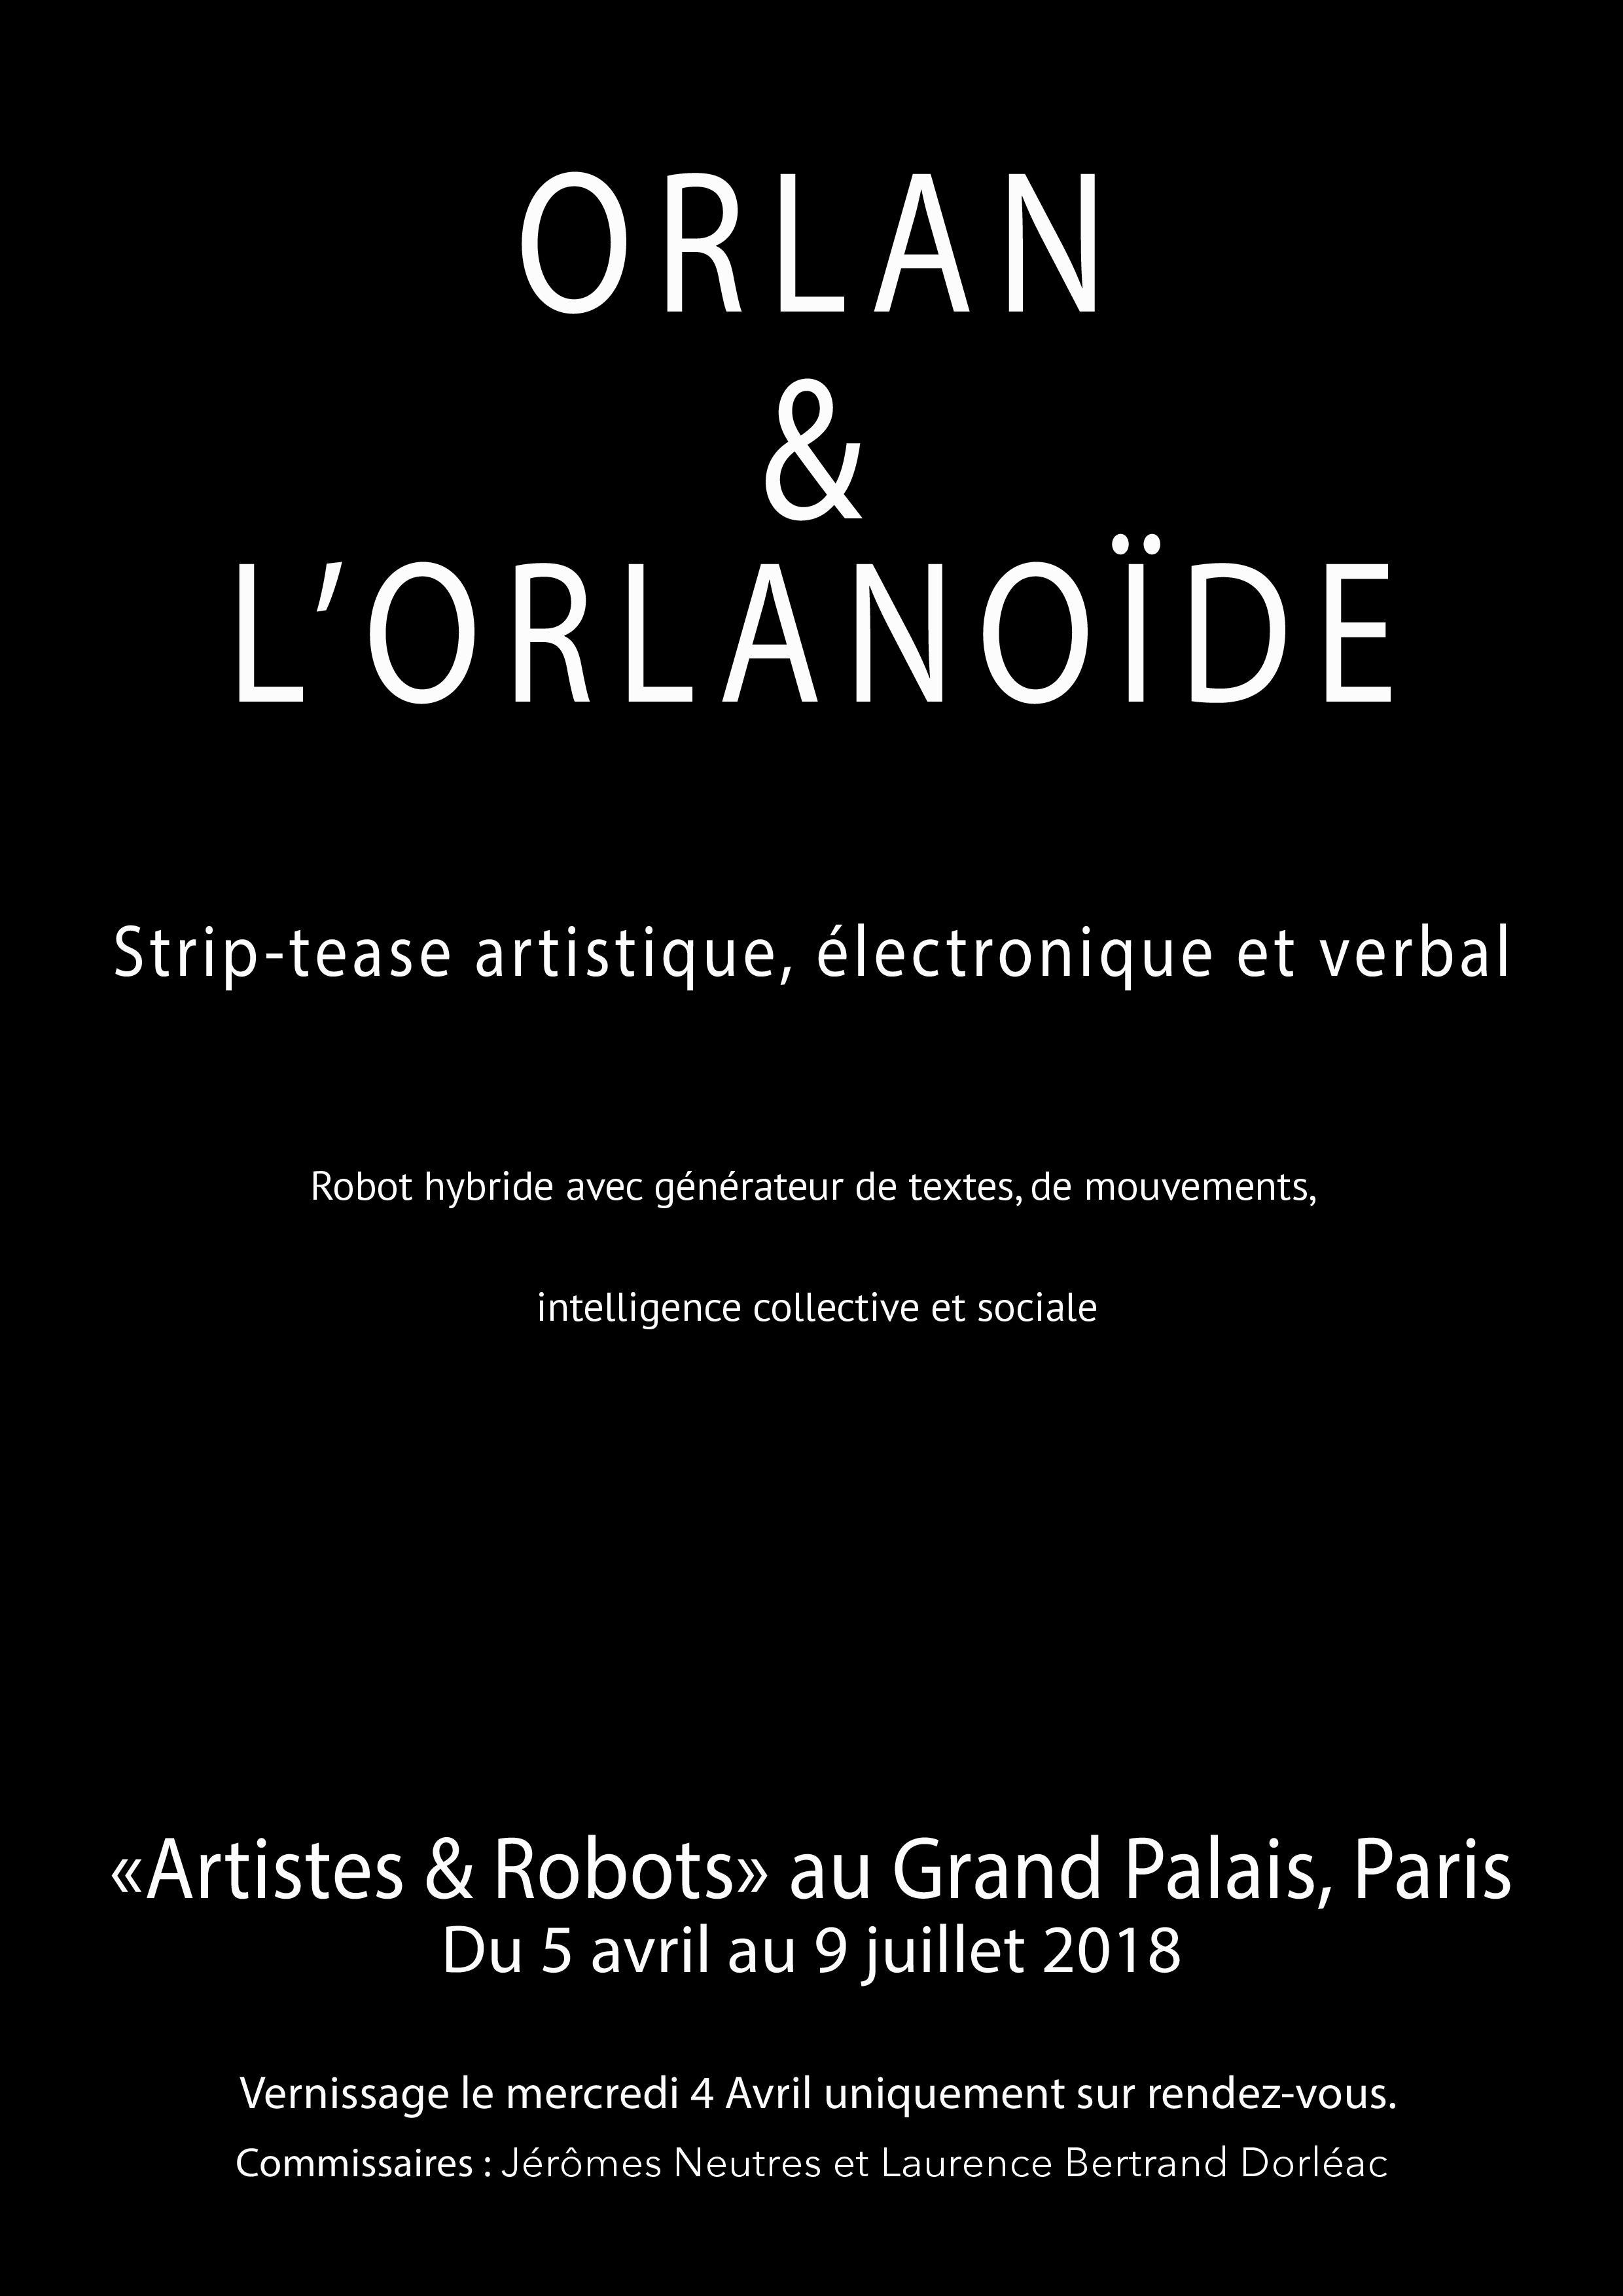 artiste et robot grand palais